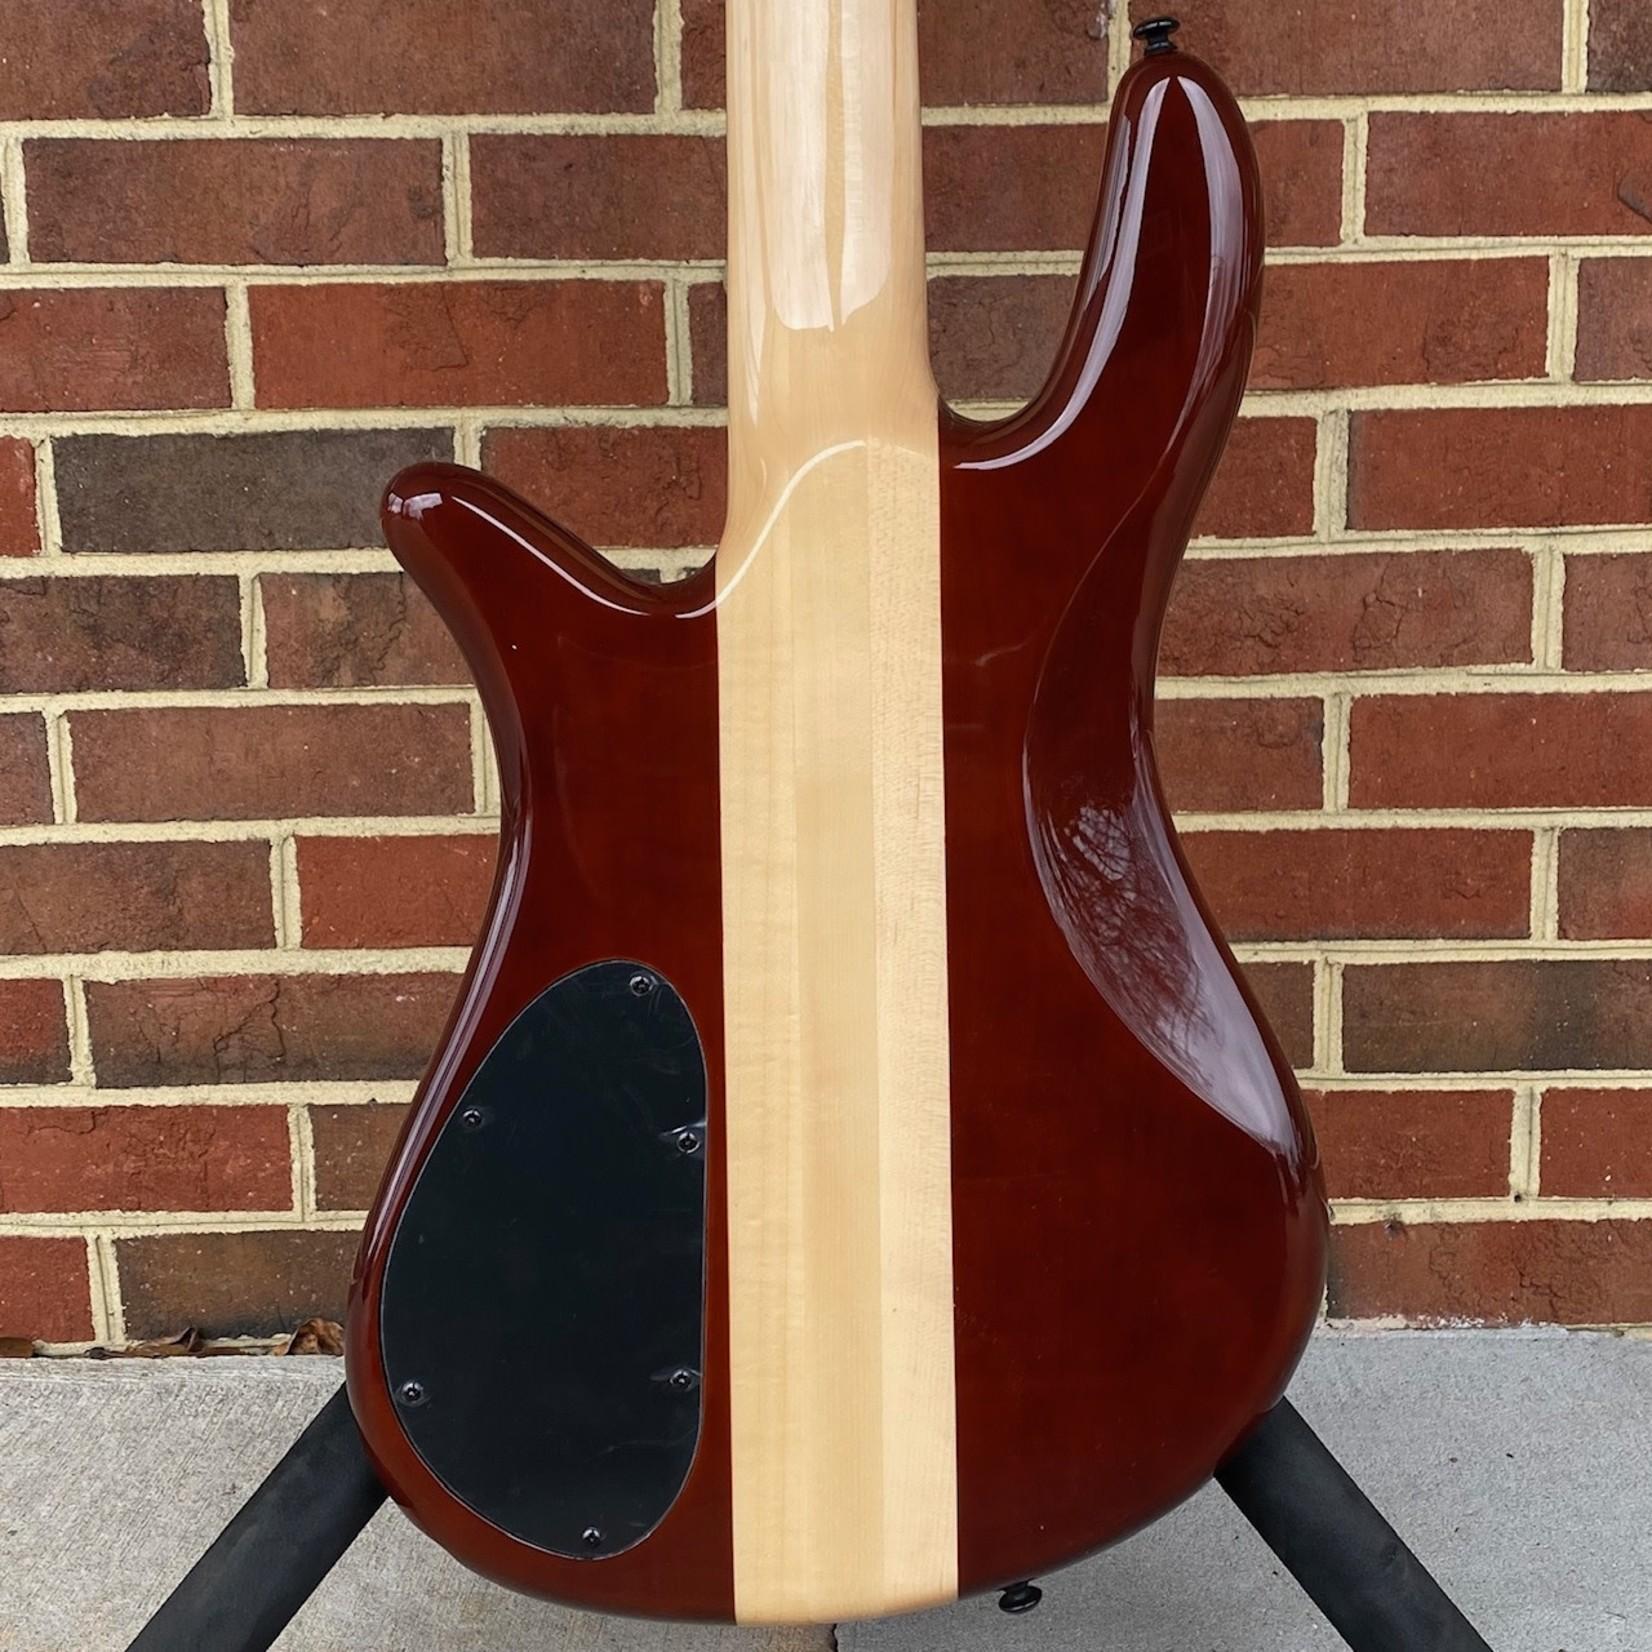 Spector Spector NS2000/5 Dan Briggs Signature Model, Poplar Burl Top, Maple Neck, Pau Ferro Fretboard, EMG Passive Humbuckers, Spector Tone Pump Jr.